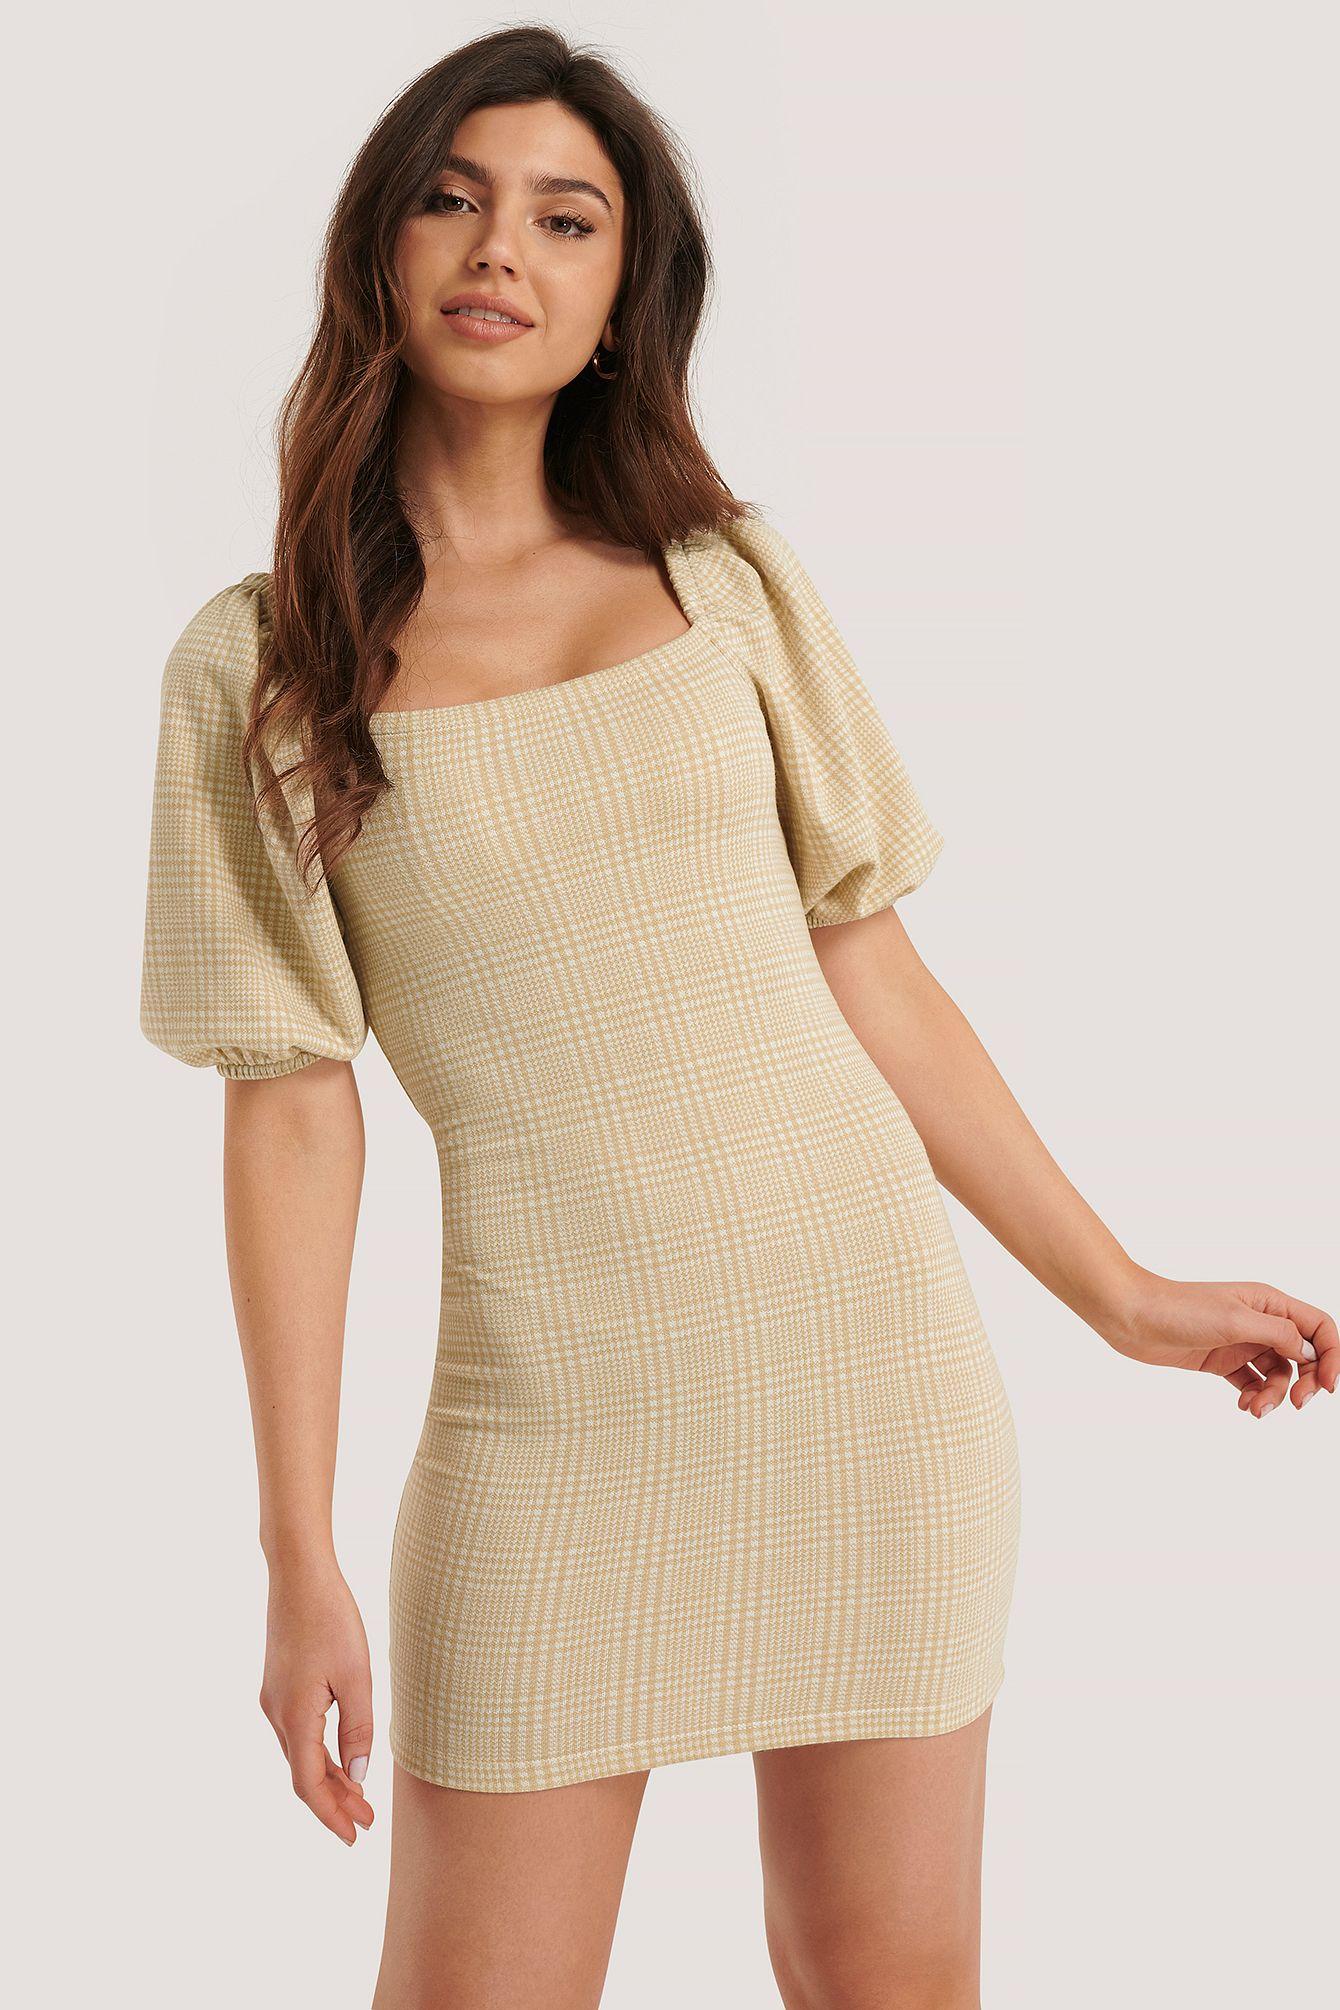 Kleid Mit Puffärmeln Beige in 14  Alltagskleider, Karokleid